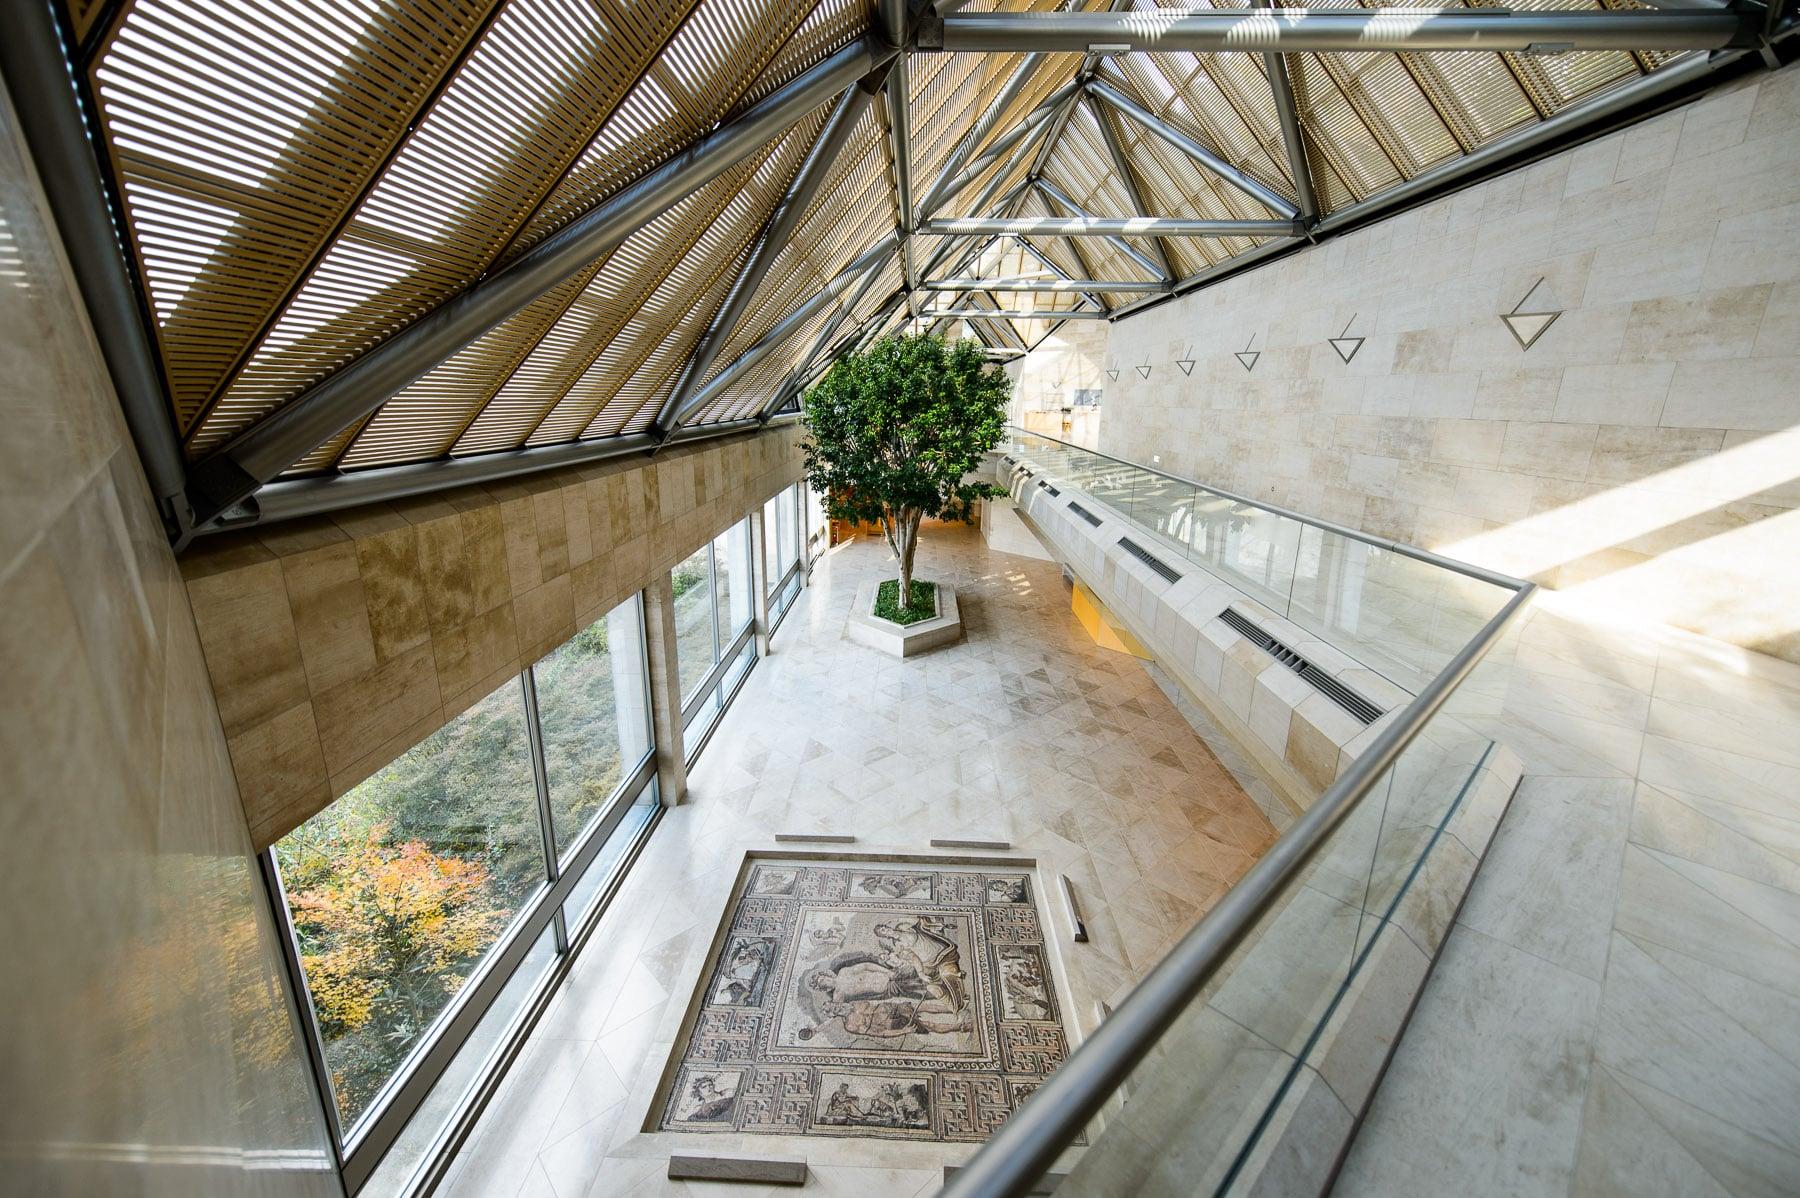 طراحی و معماری موزه میهو آی ام پی استوارسازان